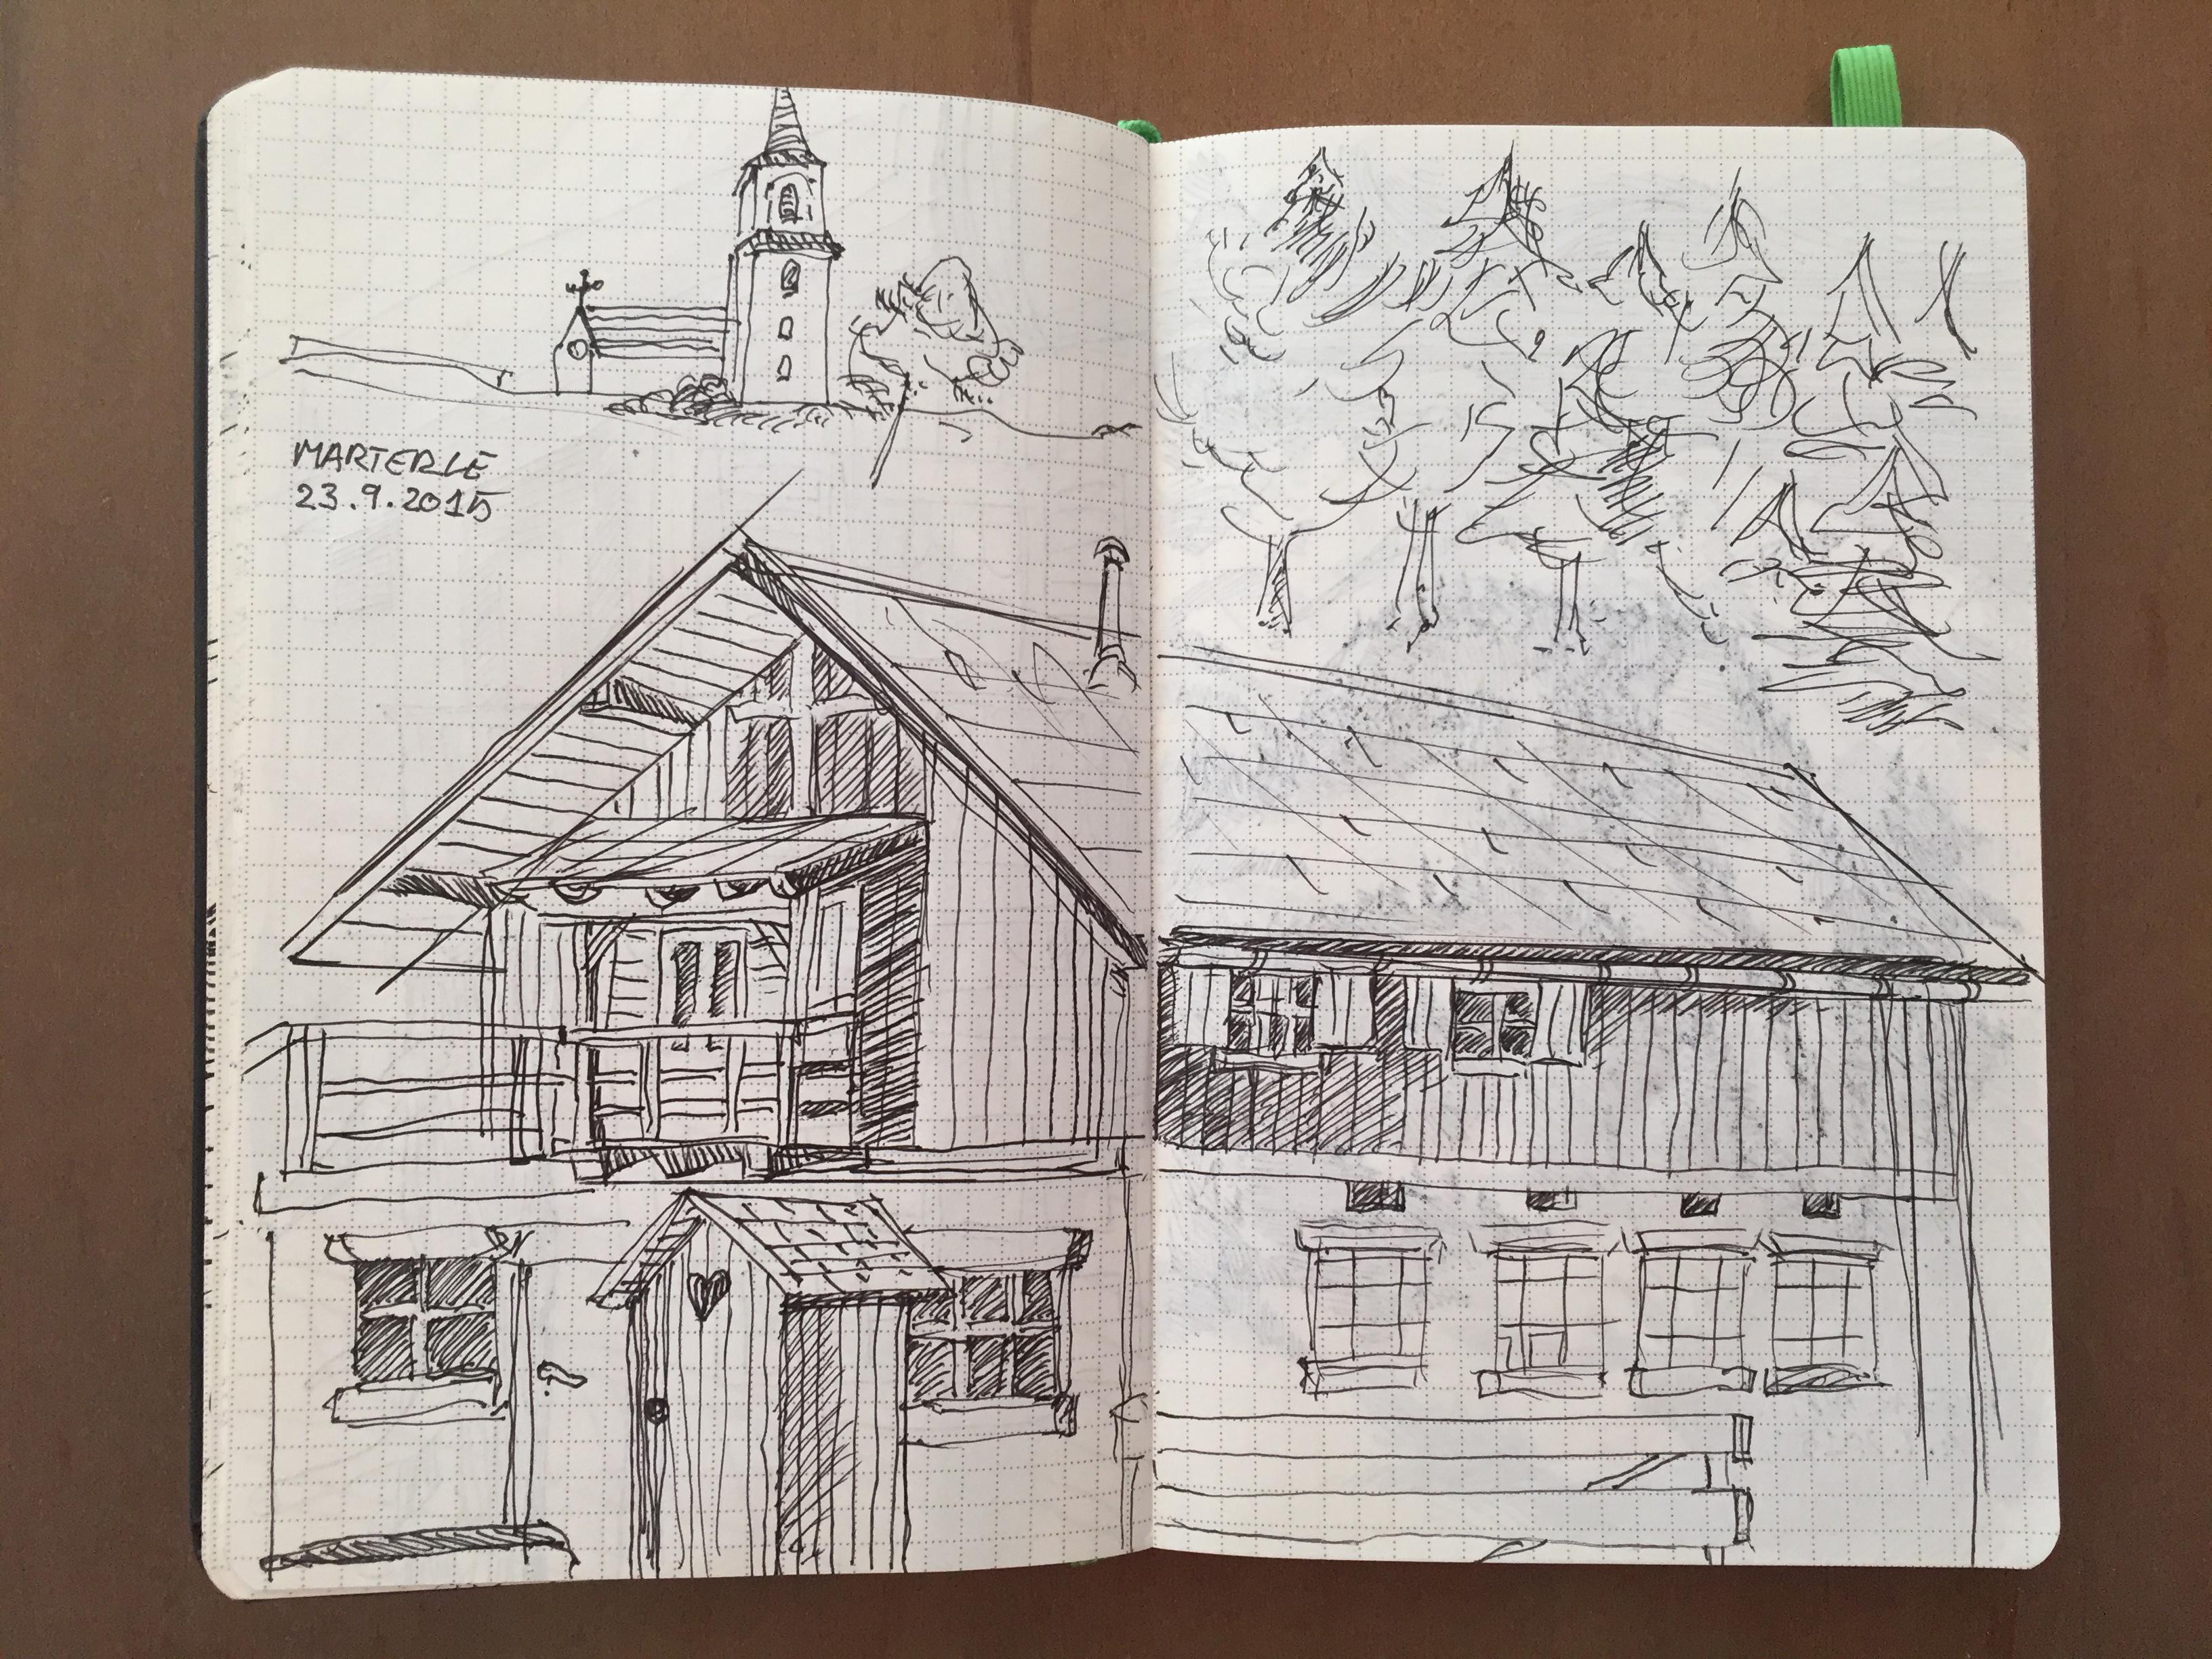 Marterle Hütte Austria